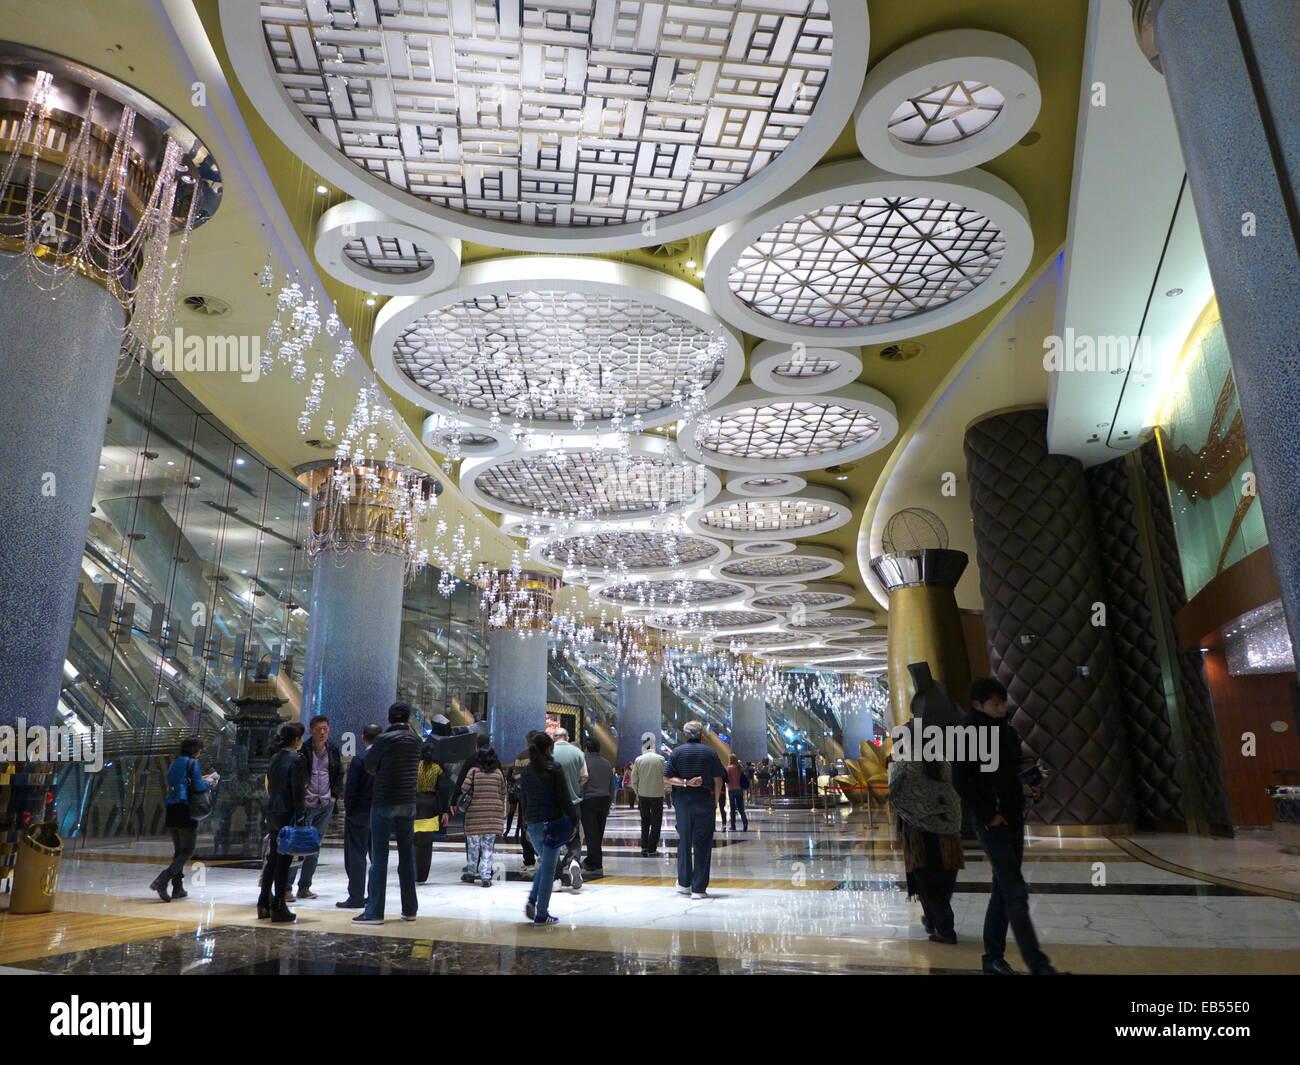 Chine Macao Casino Grand Lisboa Hotel lobby Photo Stock